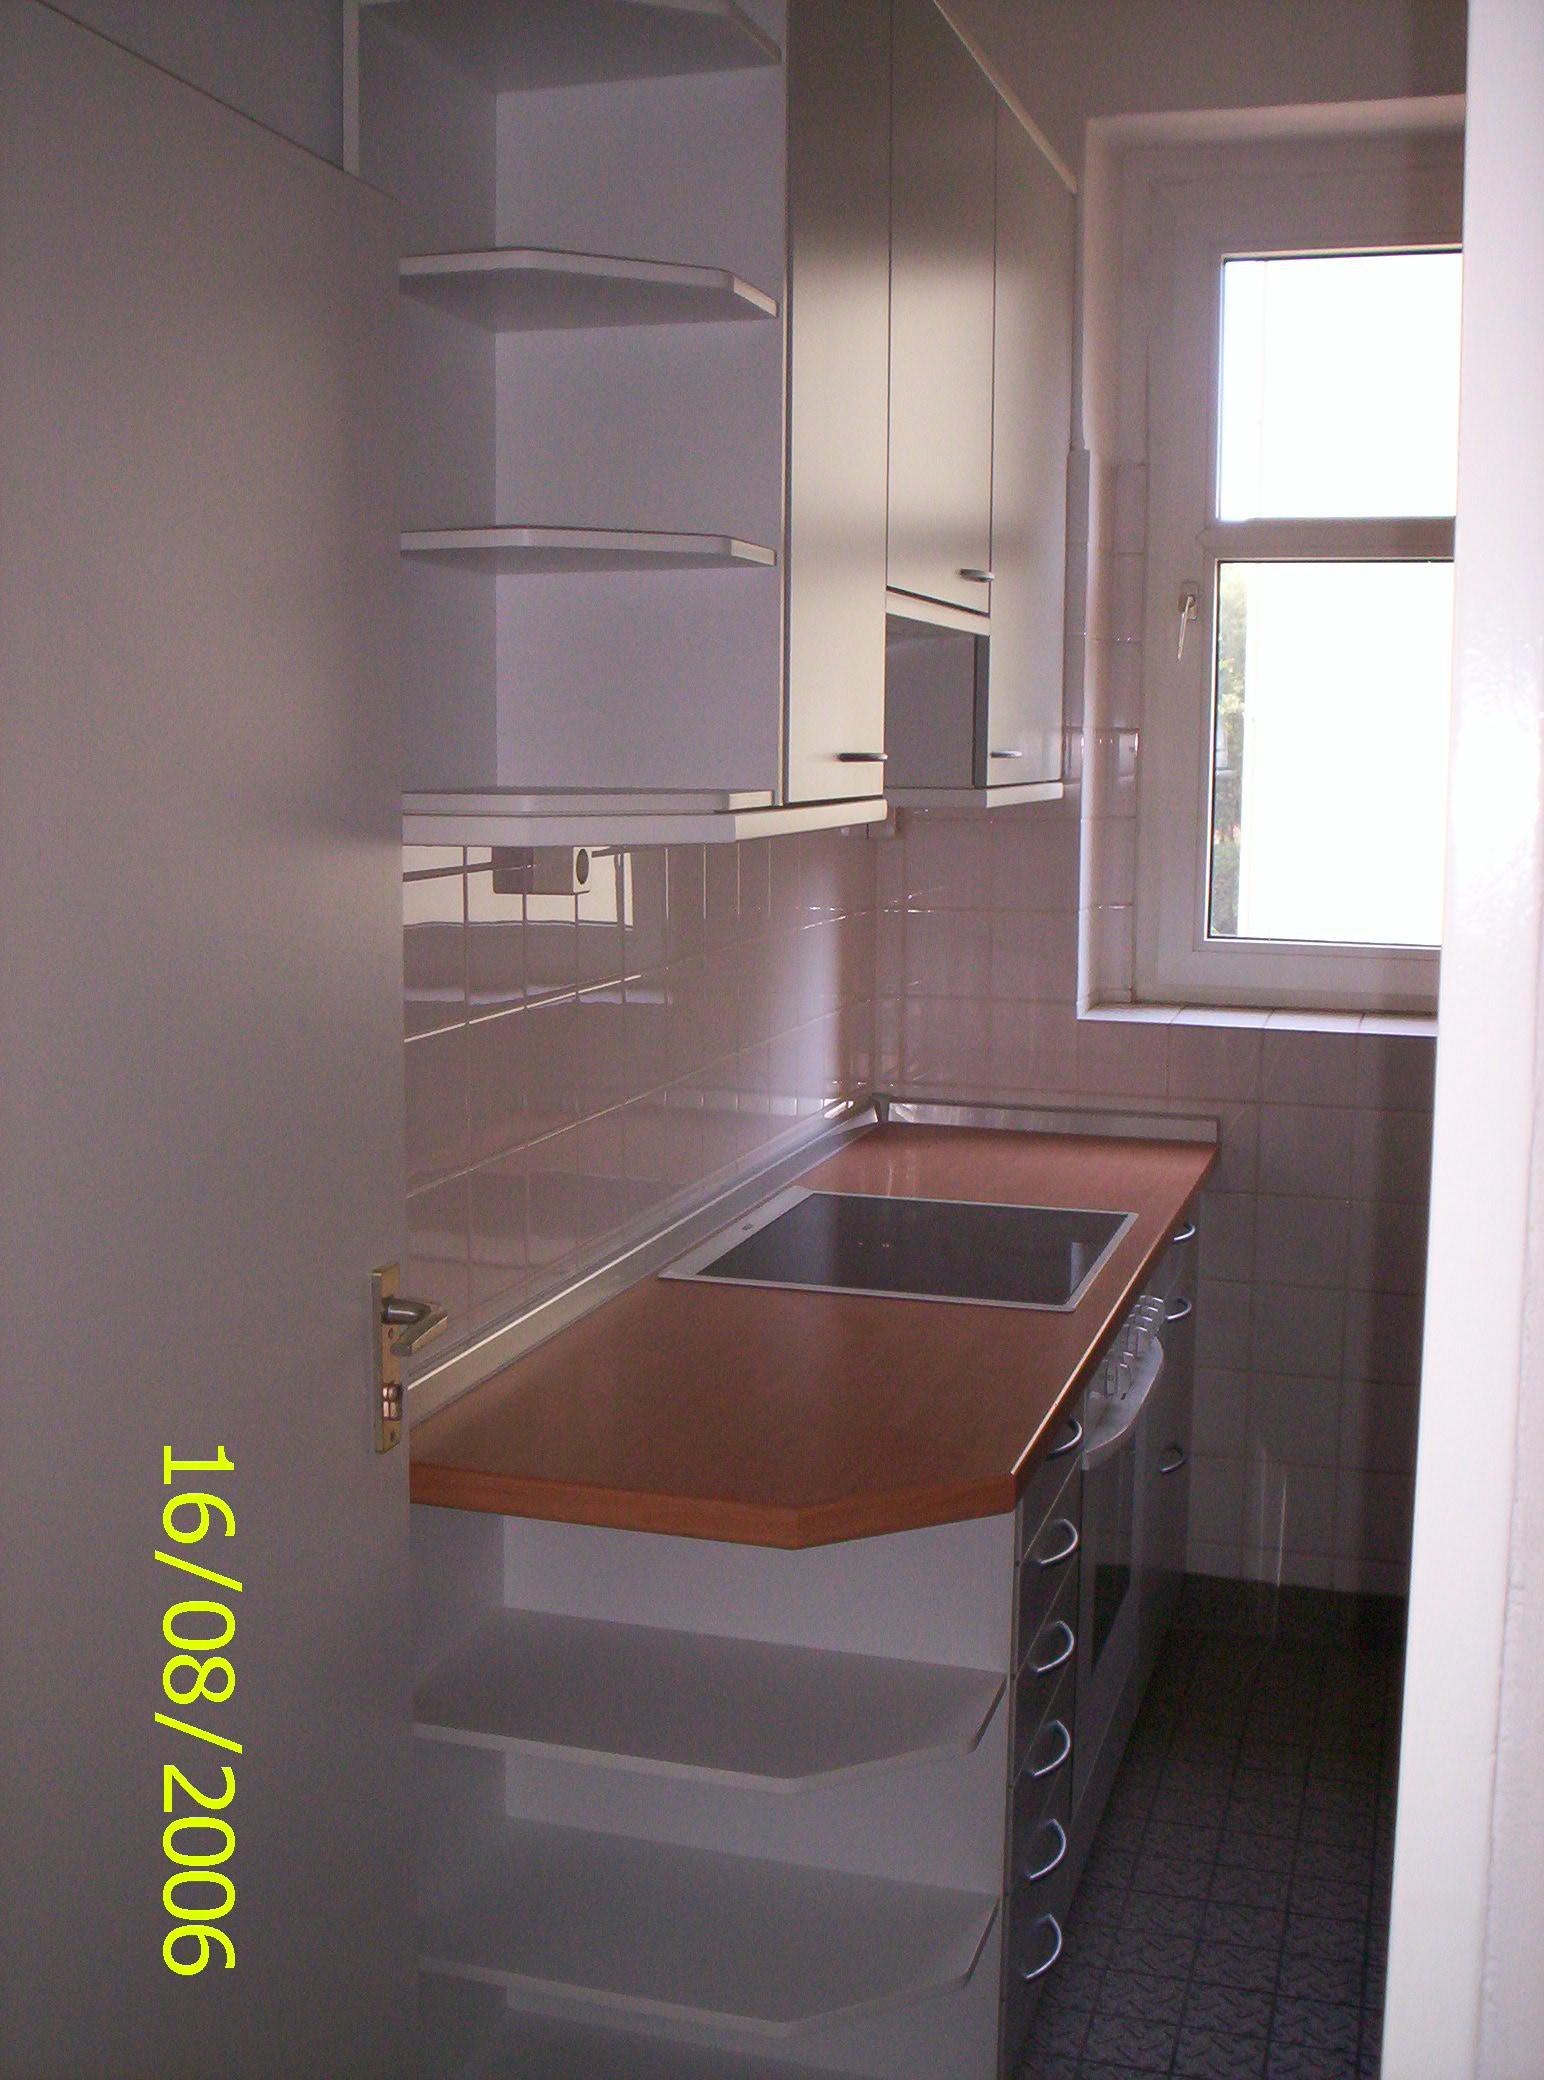 Full Size of Kchen Gebraucht Gnstig Ausstellungskchen Nrw Schn Wohnzimmer Ausstellungsküchen Nrw